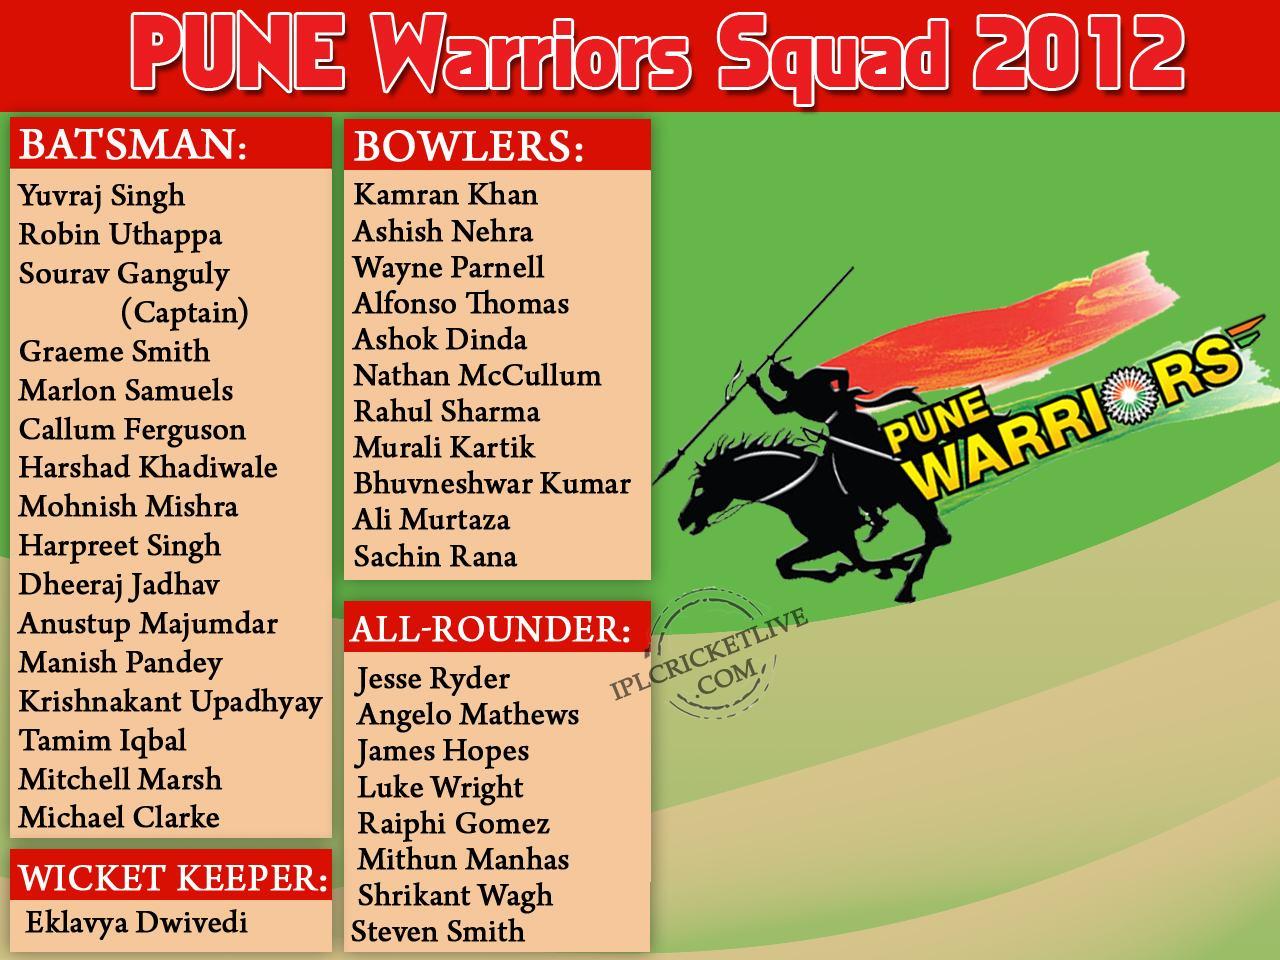 IPL 2016, Indian Premier League 2016 - Pune Warriors Squad 2012